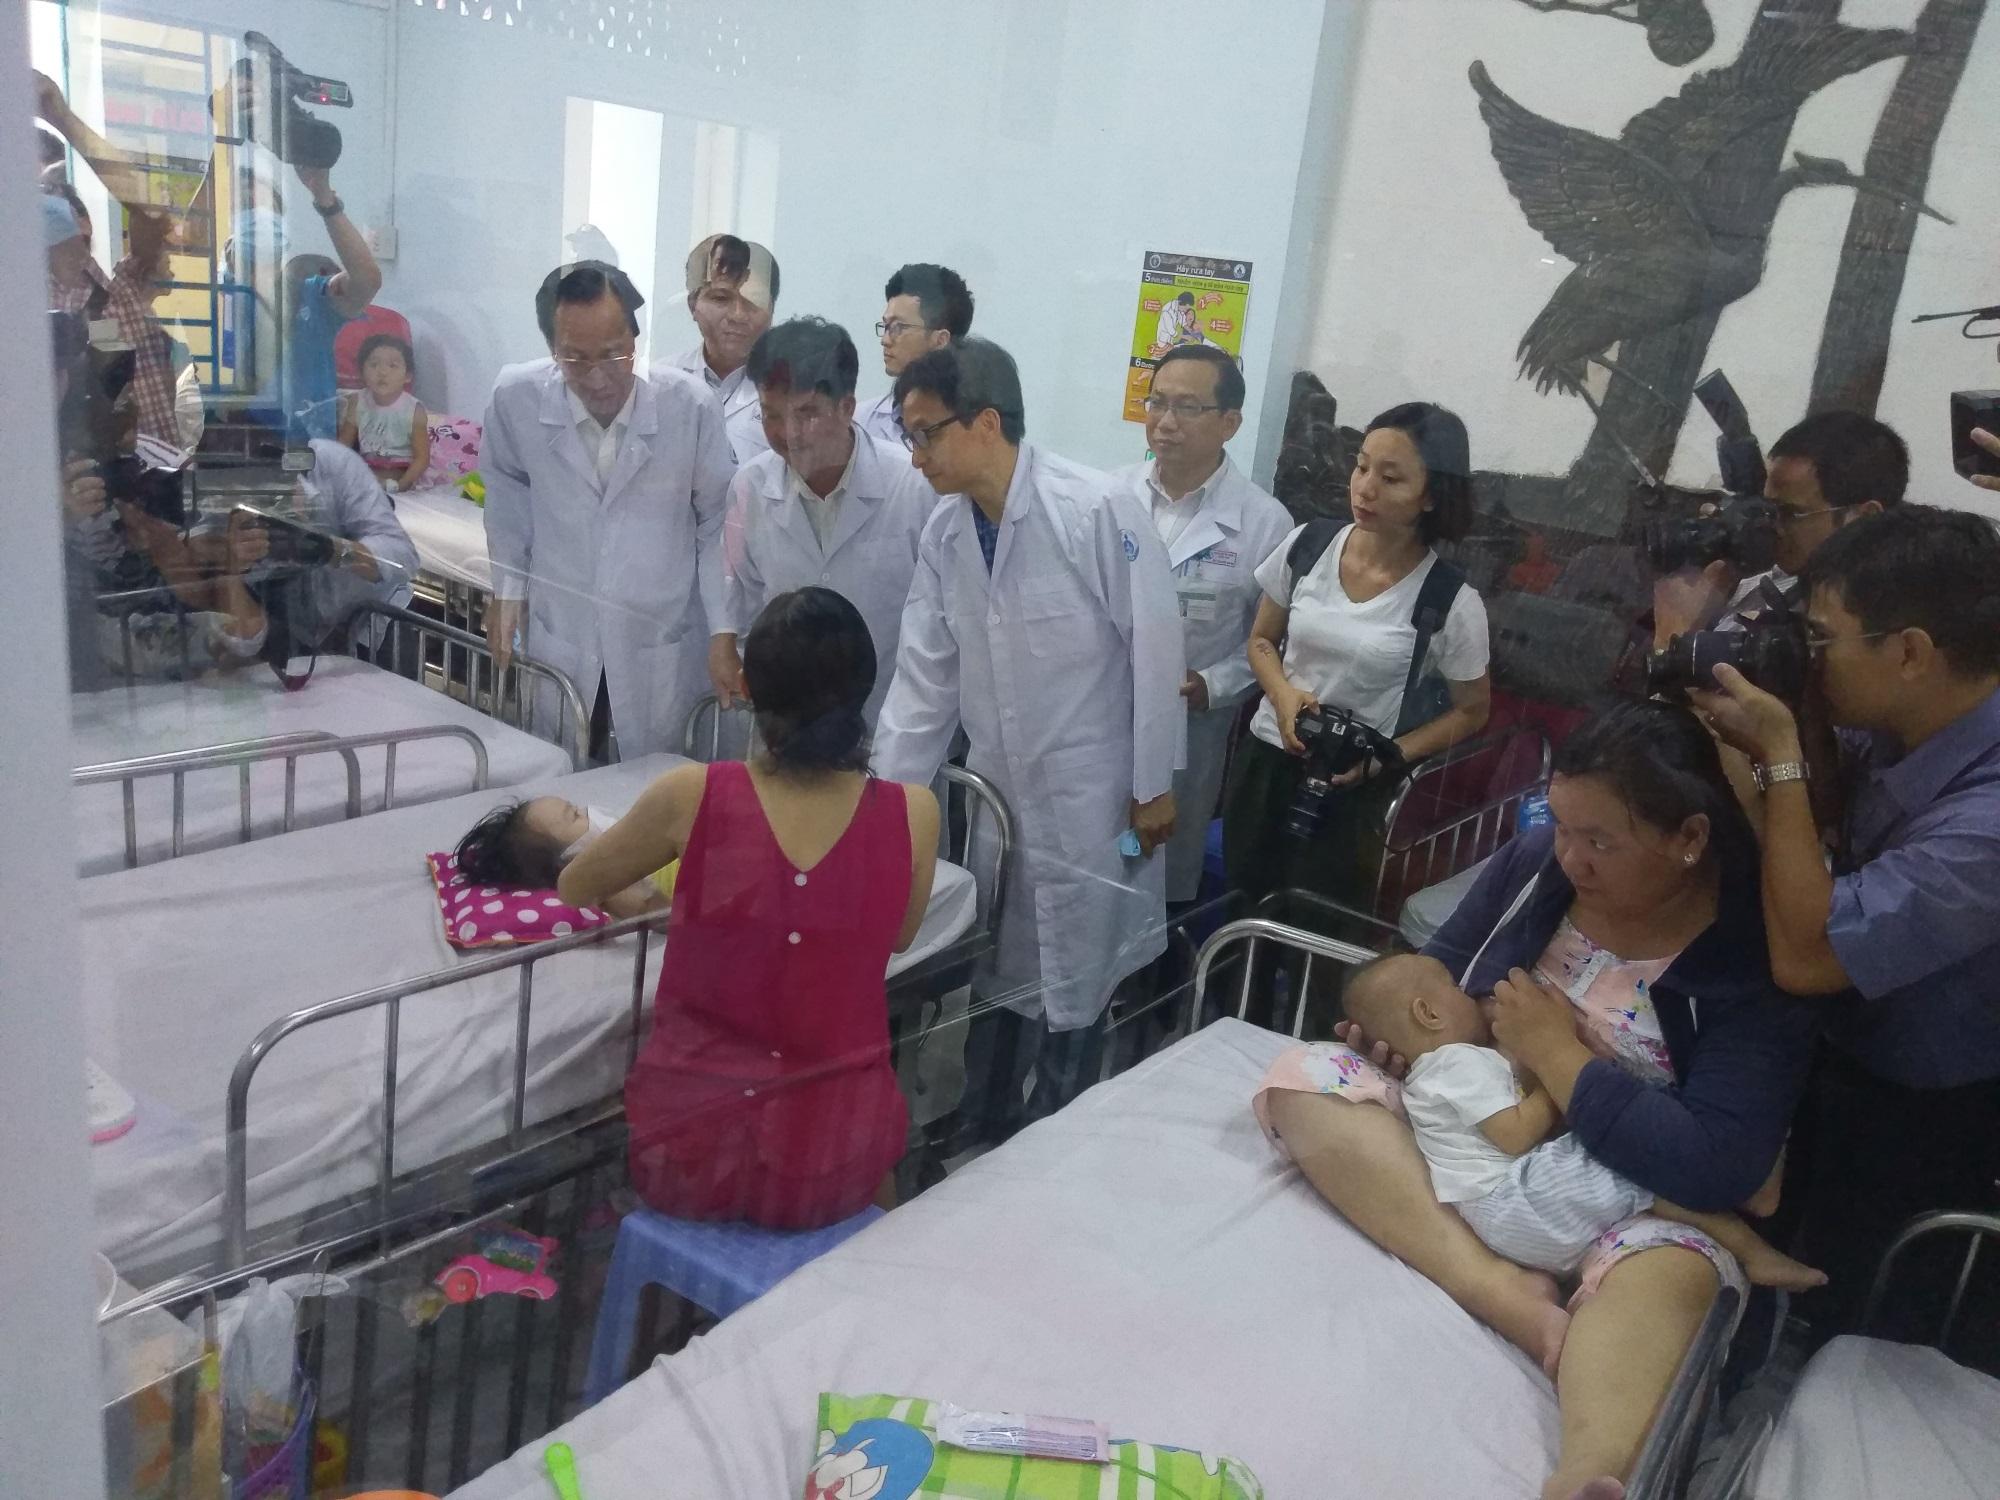 Phó Thủ tướng Vũ Đức Đam thăm và làm việc với 2 bệnh viện tại TPHCM - Ảnh 1